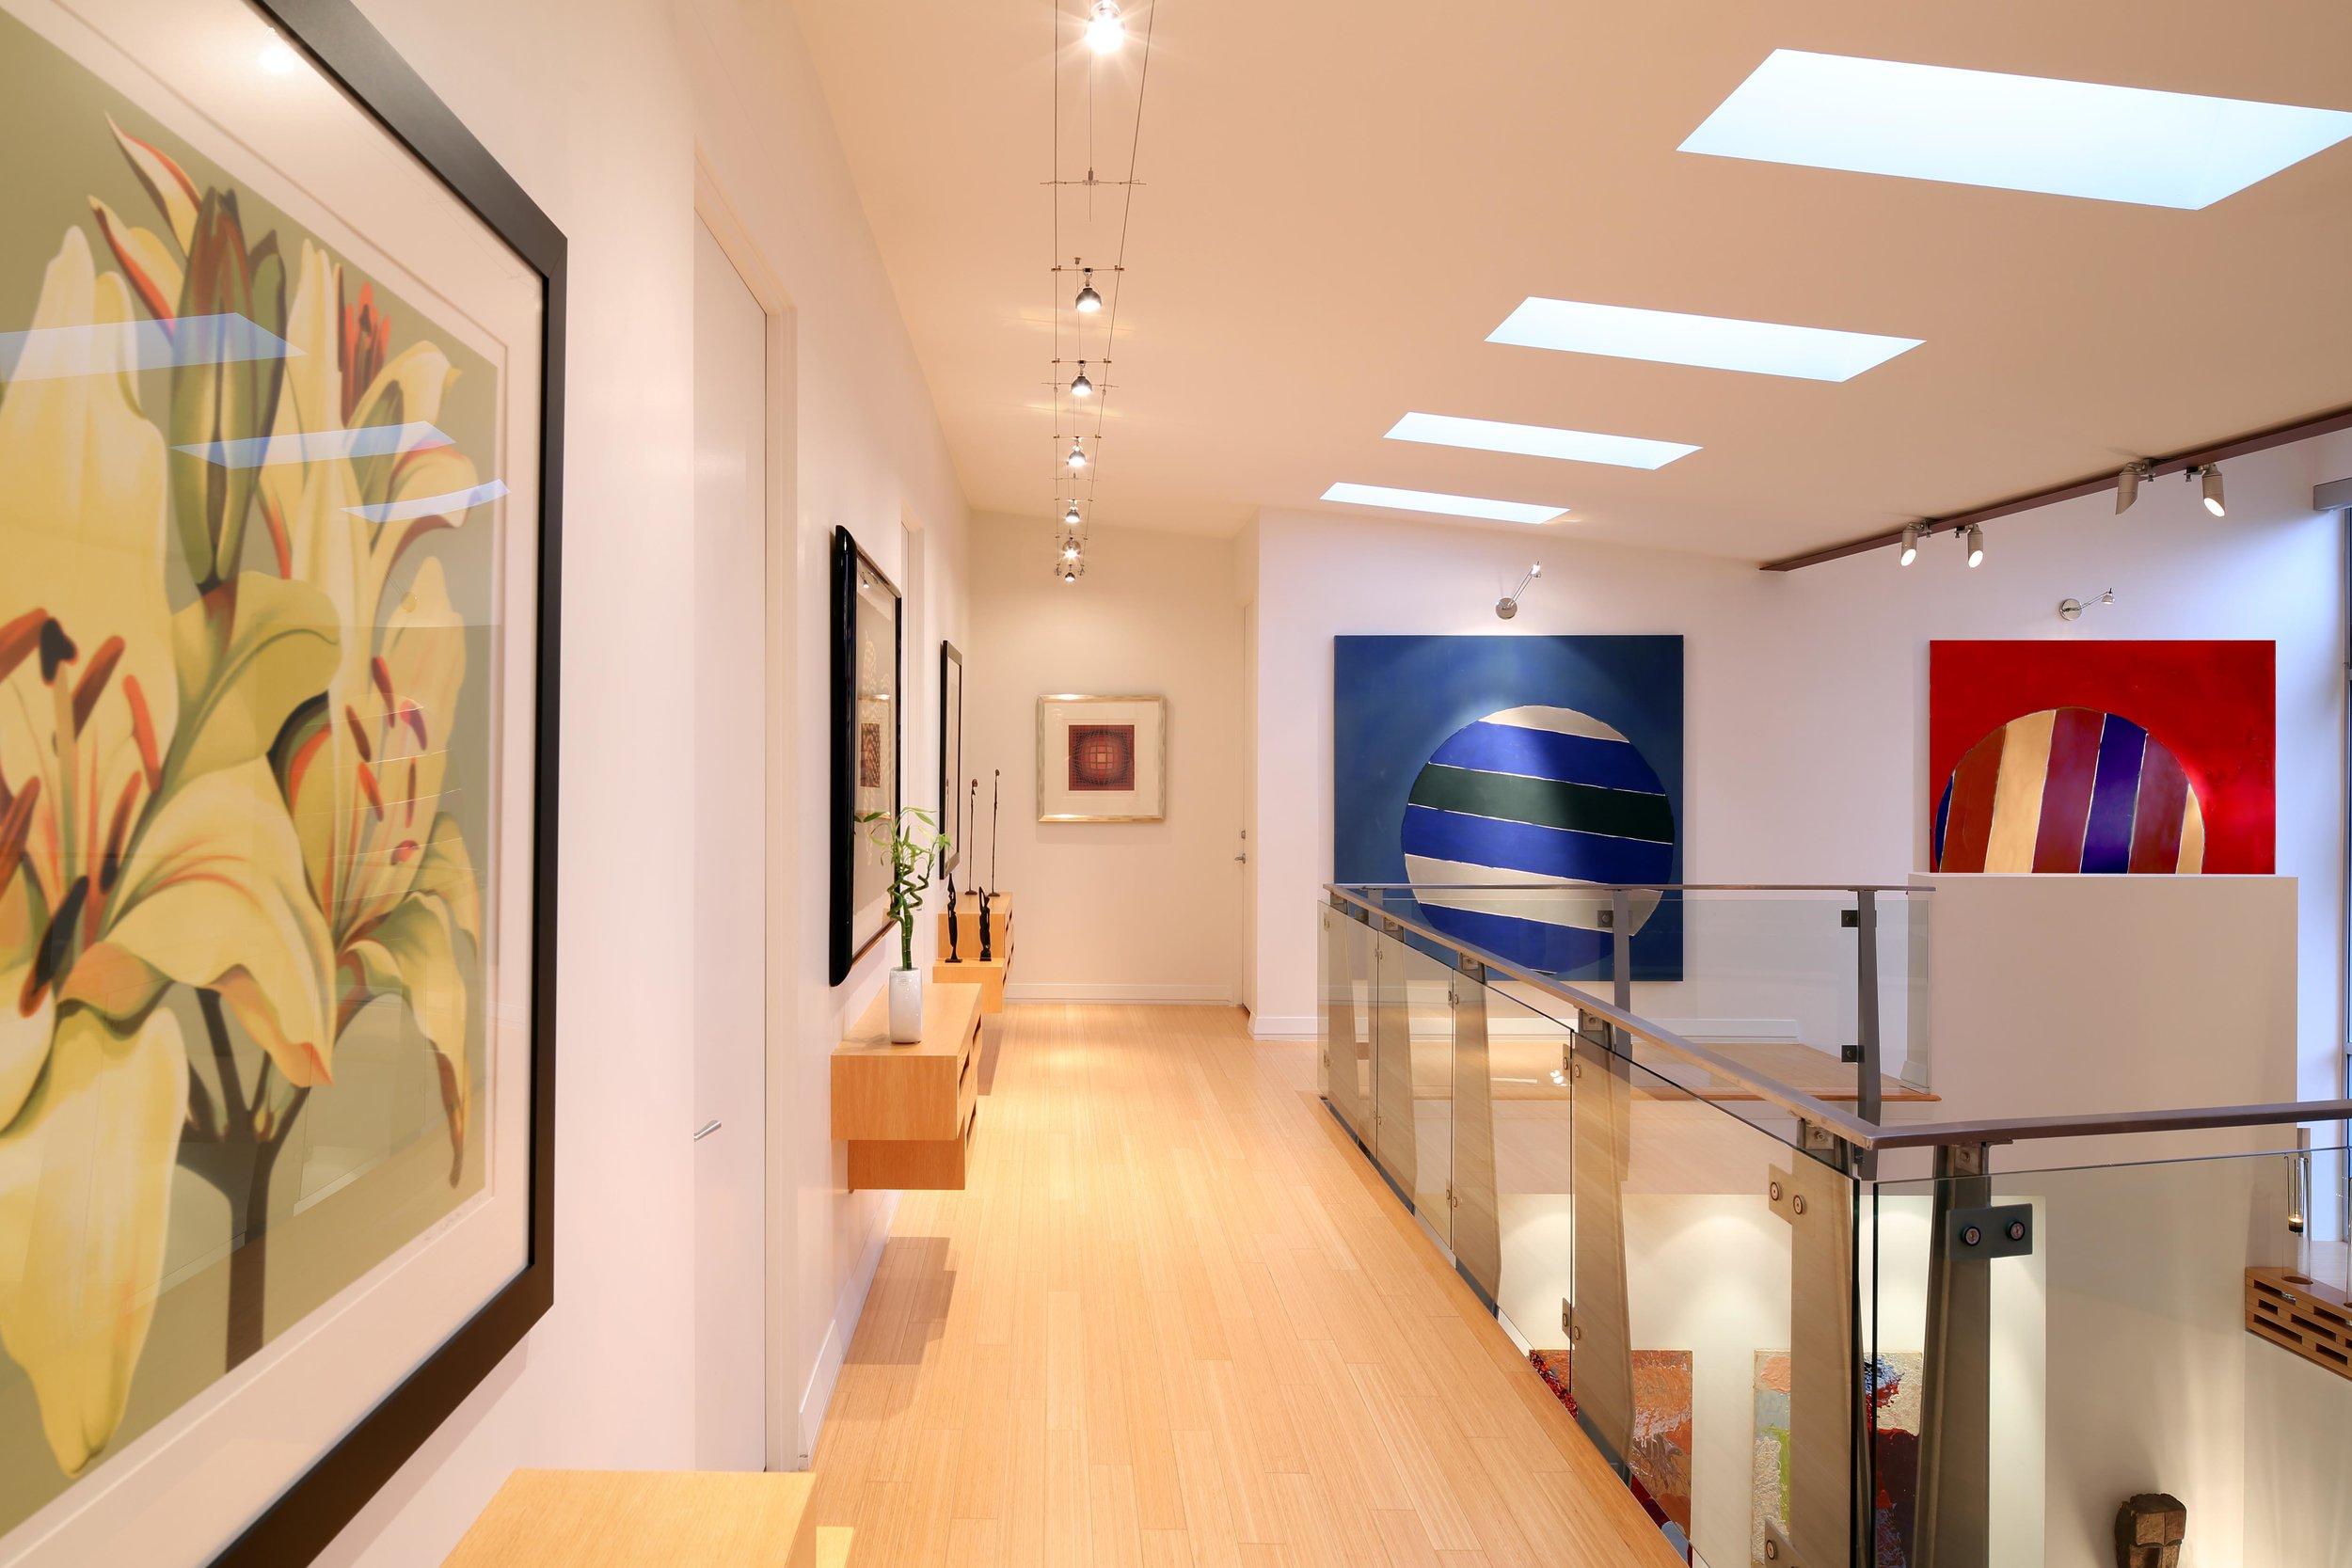 08-gallery.jpg